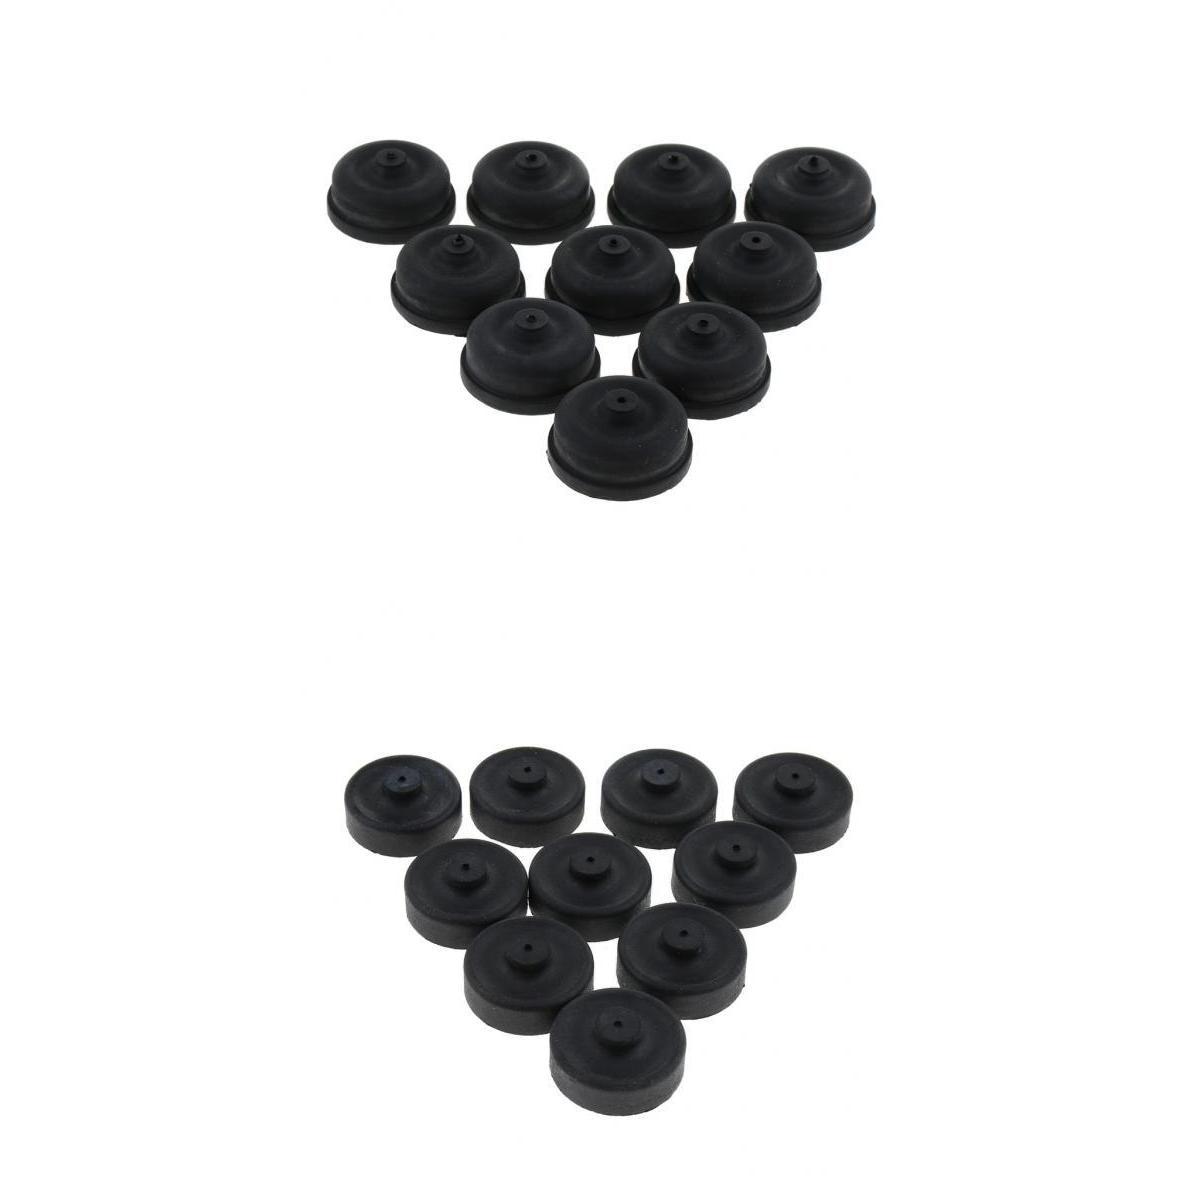 Piezas de taza de goma 20 piezas, bomba de aire de diafragma para reemplazo de bomba de pesca de acuario Filtros antipolvo Hepa + 5 uds. De bolsas de papel para aspiradoras Karcher, Cartucho de repuestos para aspiradoras, filtro HEPA A2204 VC6100 A2004 WD3.200 VC6200 1 Uds.